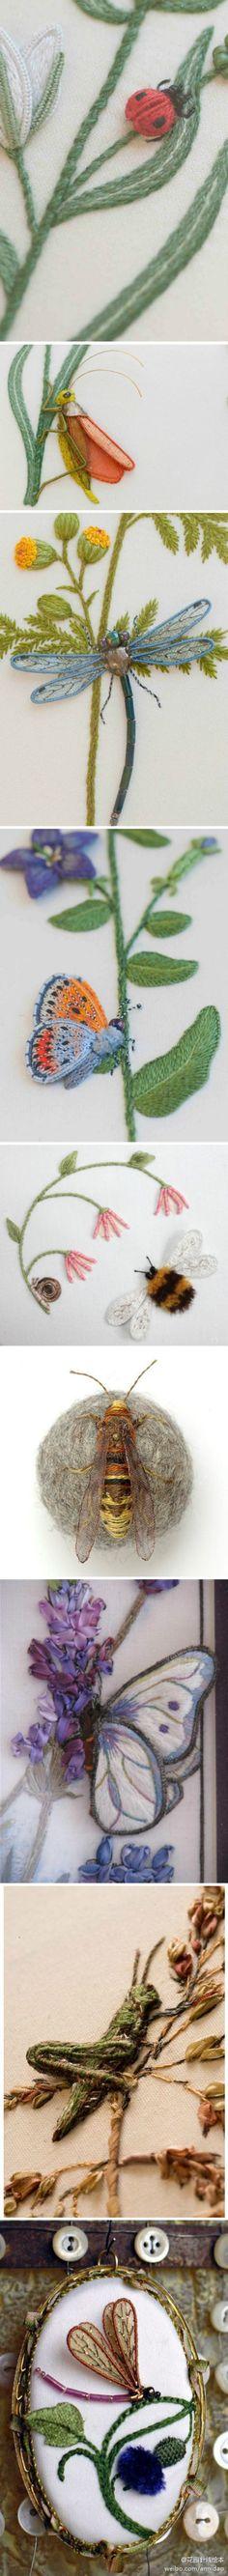 Flying bugs on flowers 立体刺绣昆虫篇